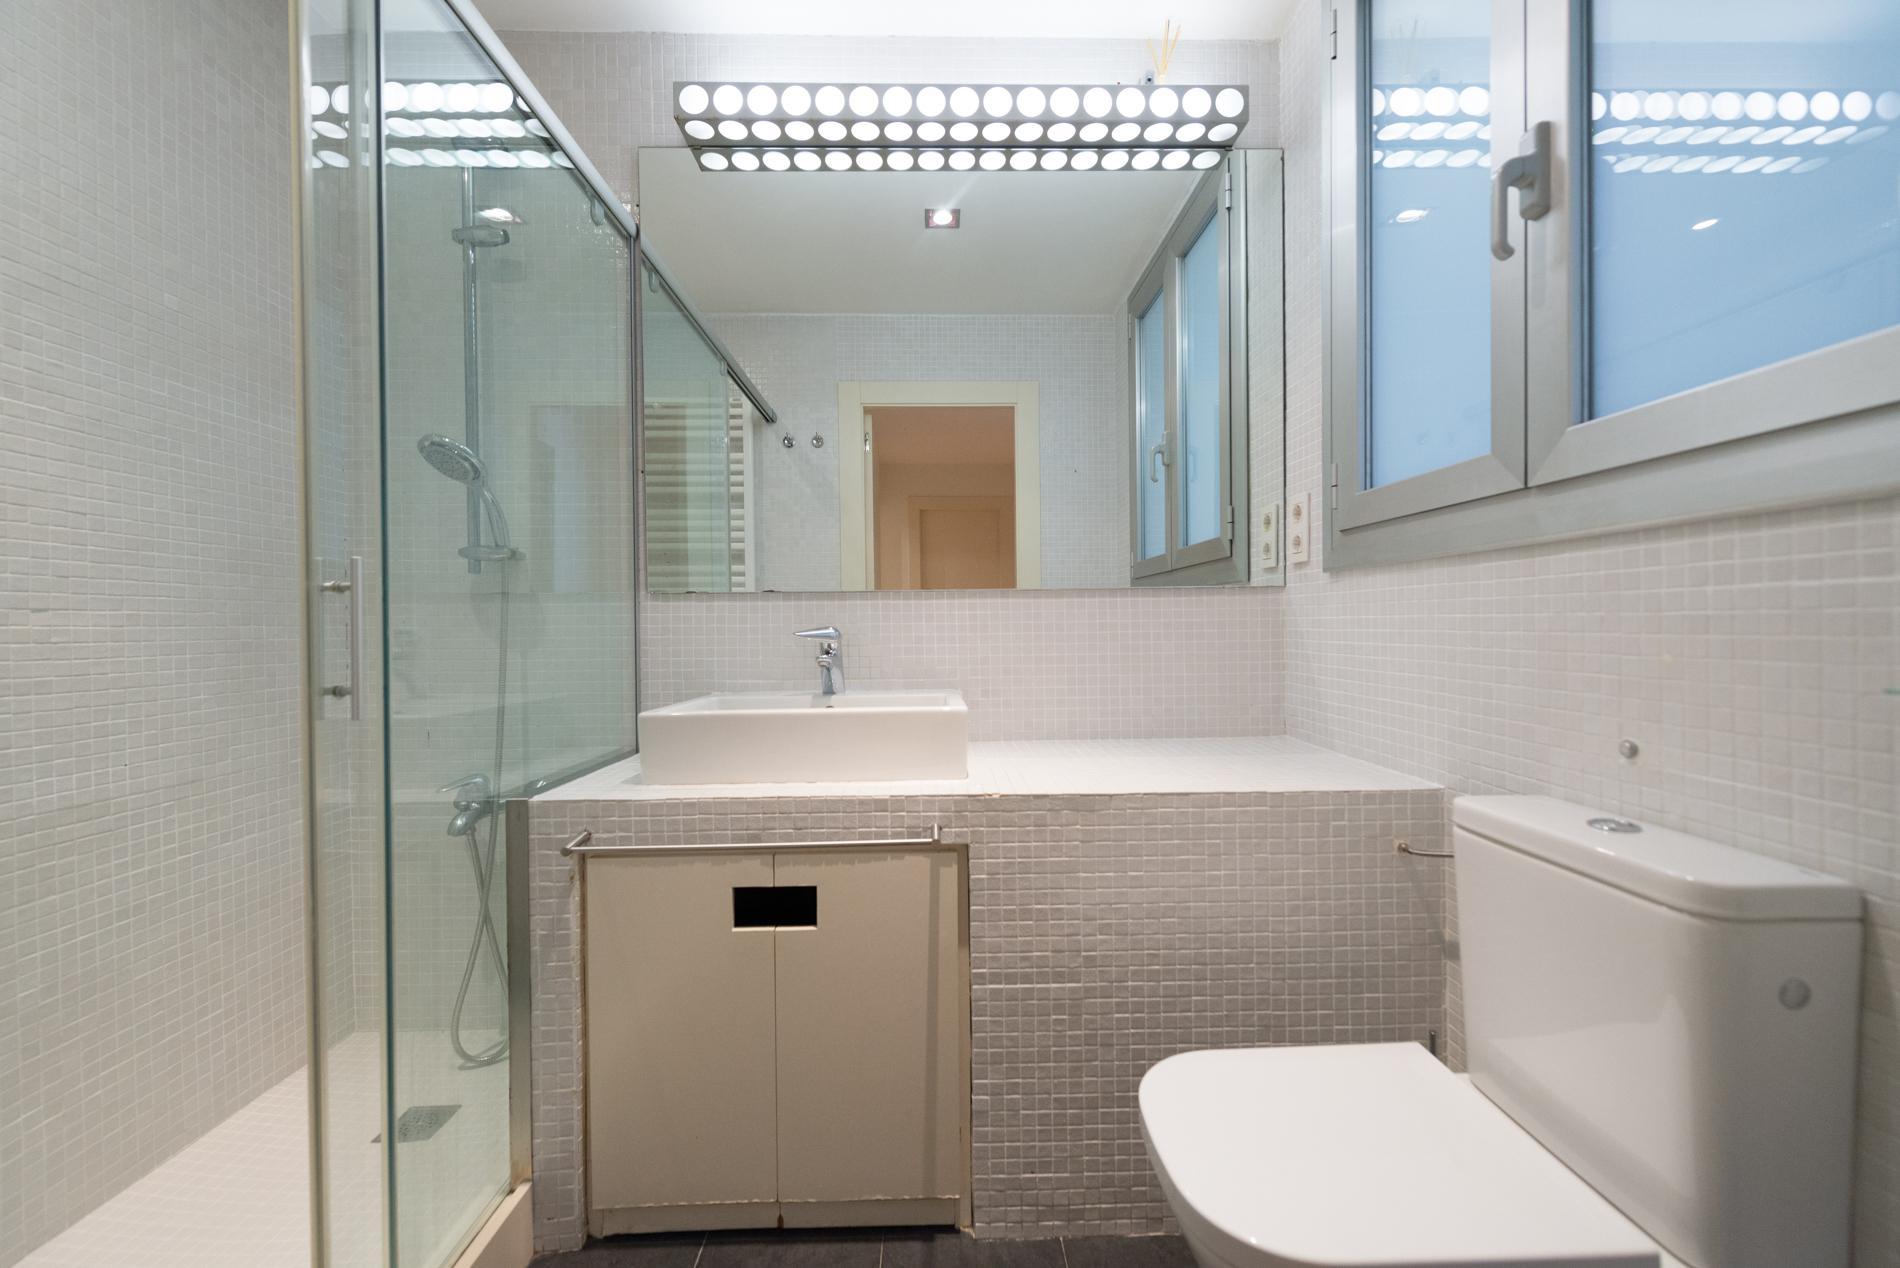 247761 Ground Floor for sale in Sarrià-Sant Gervasi, St. Gervasi-Bonanova 17